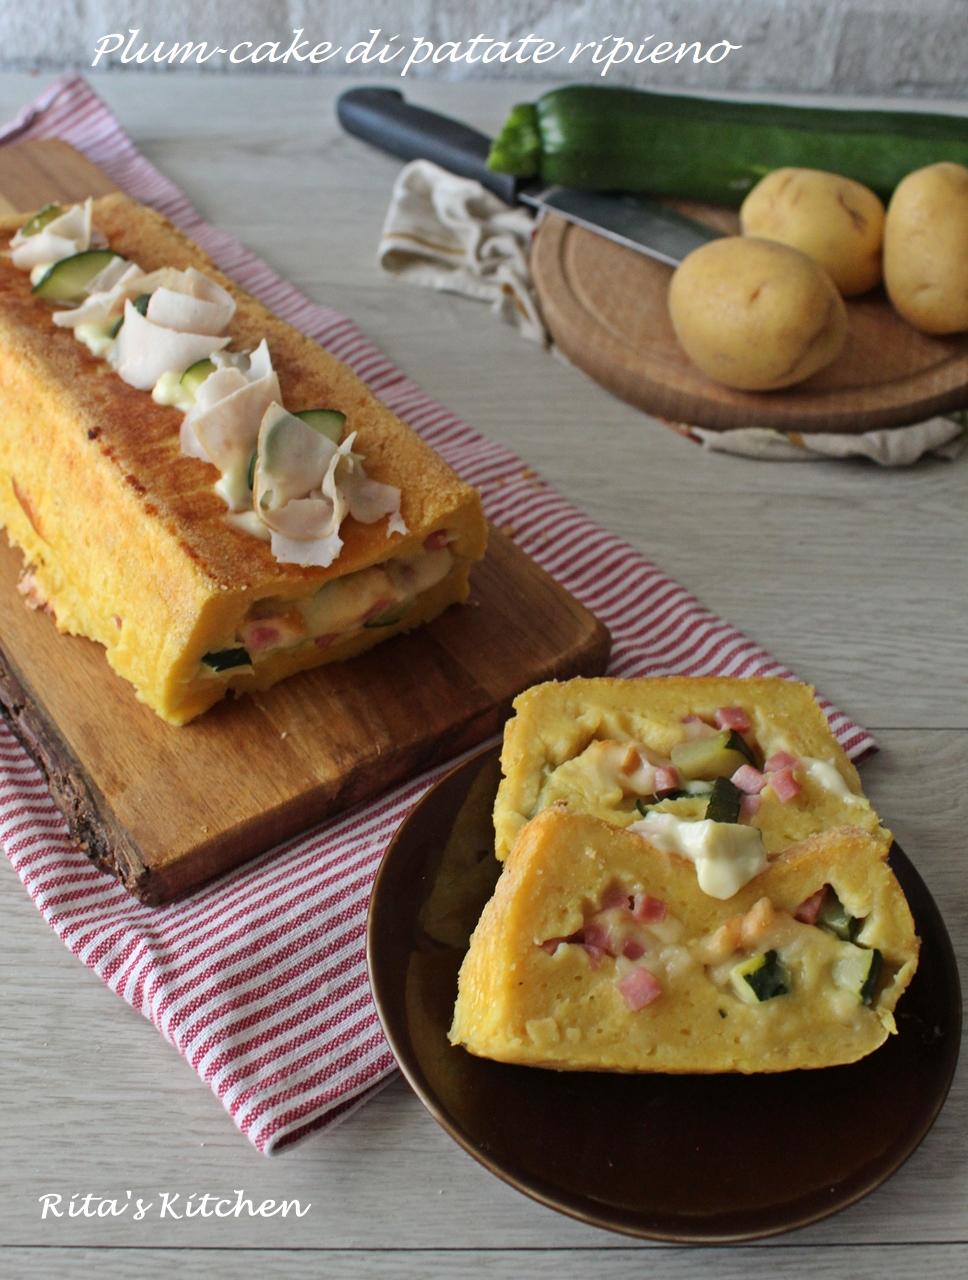 plum-cake di patate